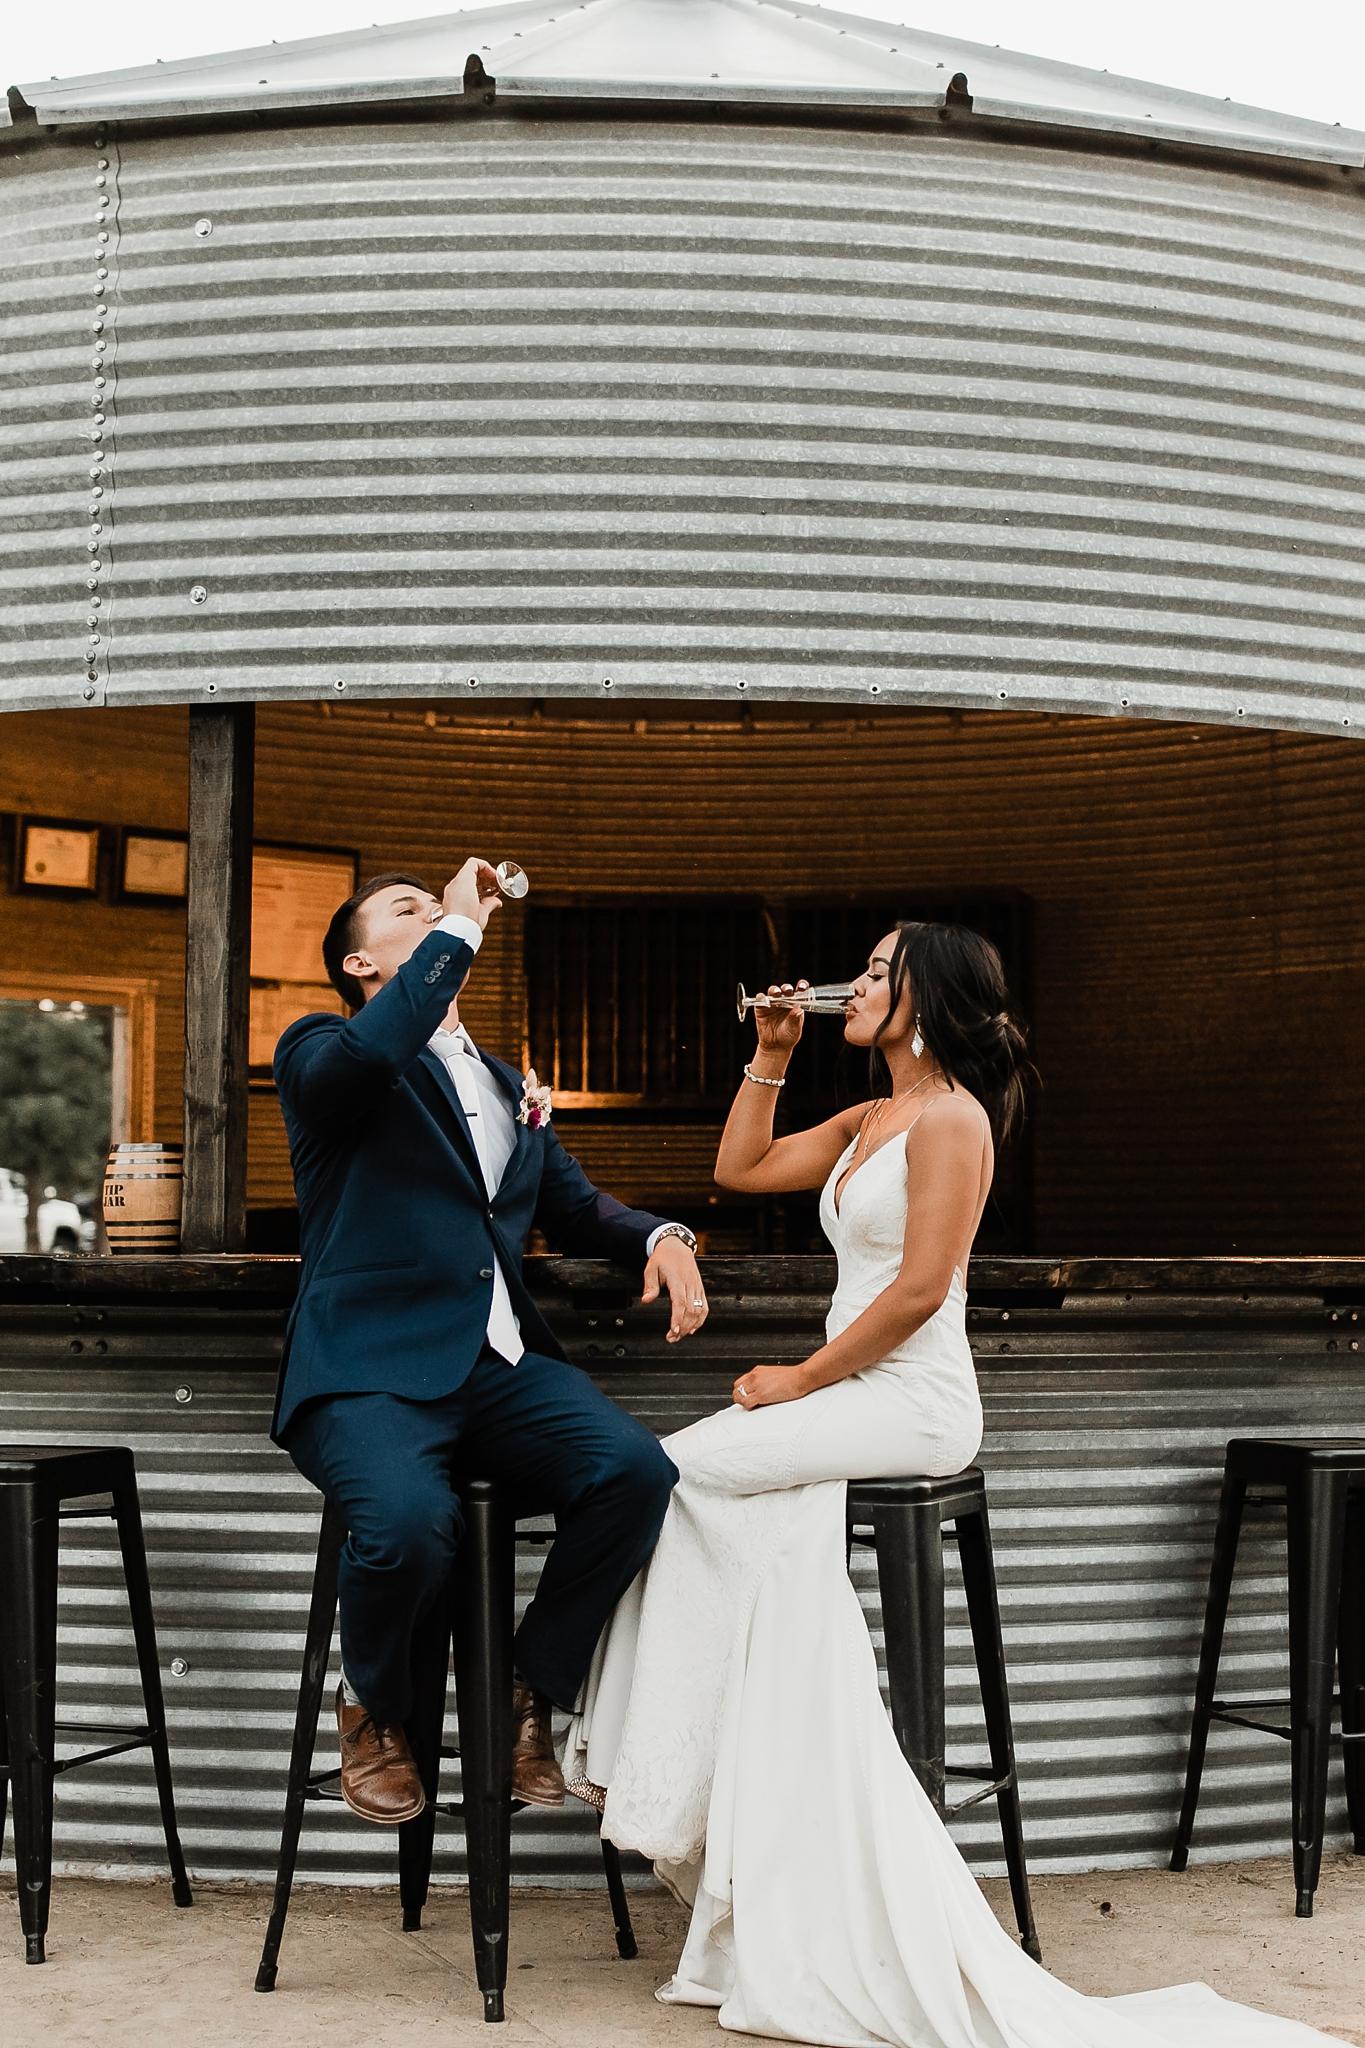 Alicia+lucia+photography+-+albuquerque+wedding+photographer+-+santa+fe+wedding+photography+-+new+mexico+wedding+photographer+-+new+mexico+wedding+-+new+mexico+wedding+-+barn+wedding+-+enchanted+vine+barn+wedding+-+ruidoso+wedding_0158.jpg